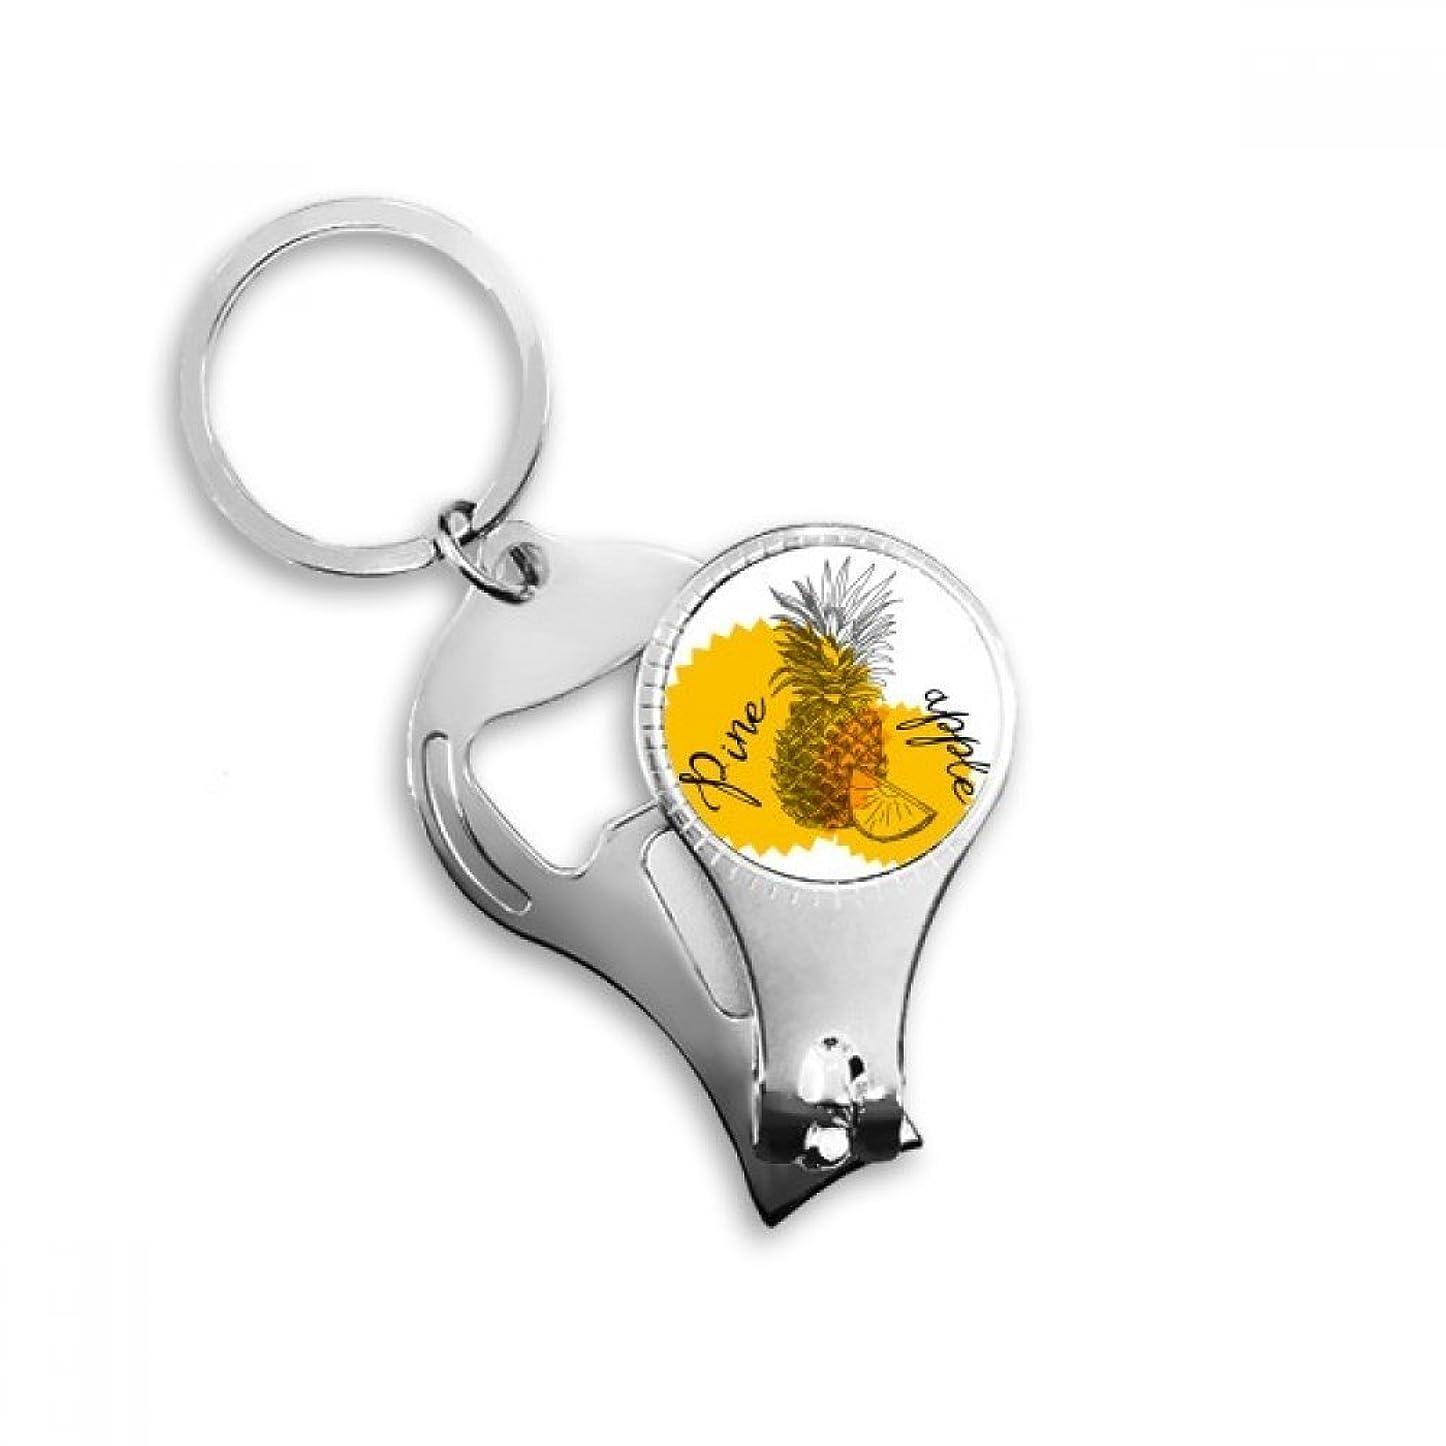 性能許す食欲PINGFUFF HOME 黄色ピナップル描画フルーツメタルキーチェーンリング多機能ネイルクリッパー栓抜き車のキーチェーン最高のチャームギフト